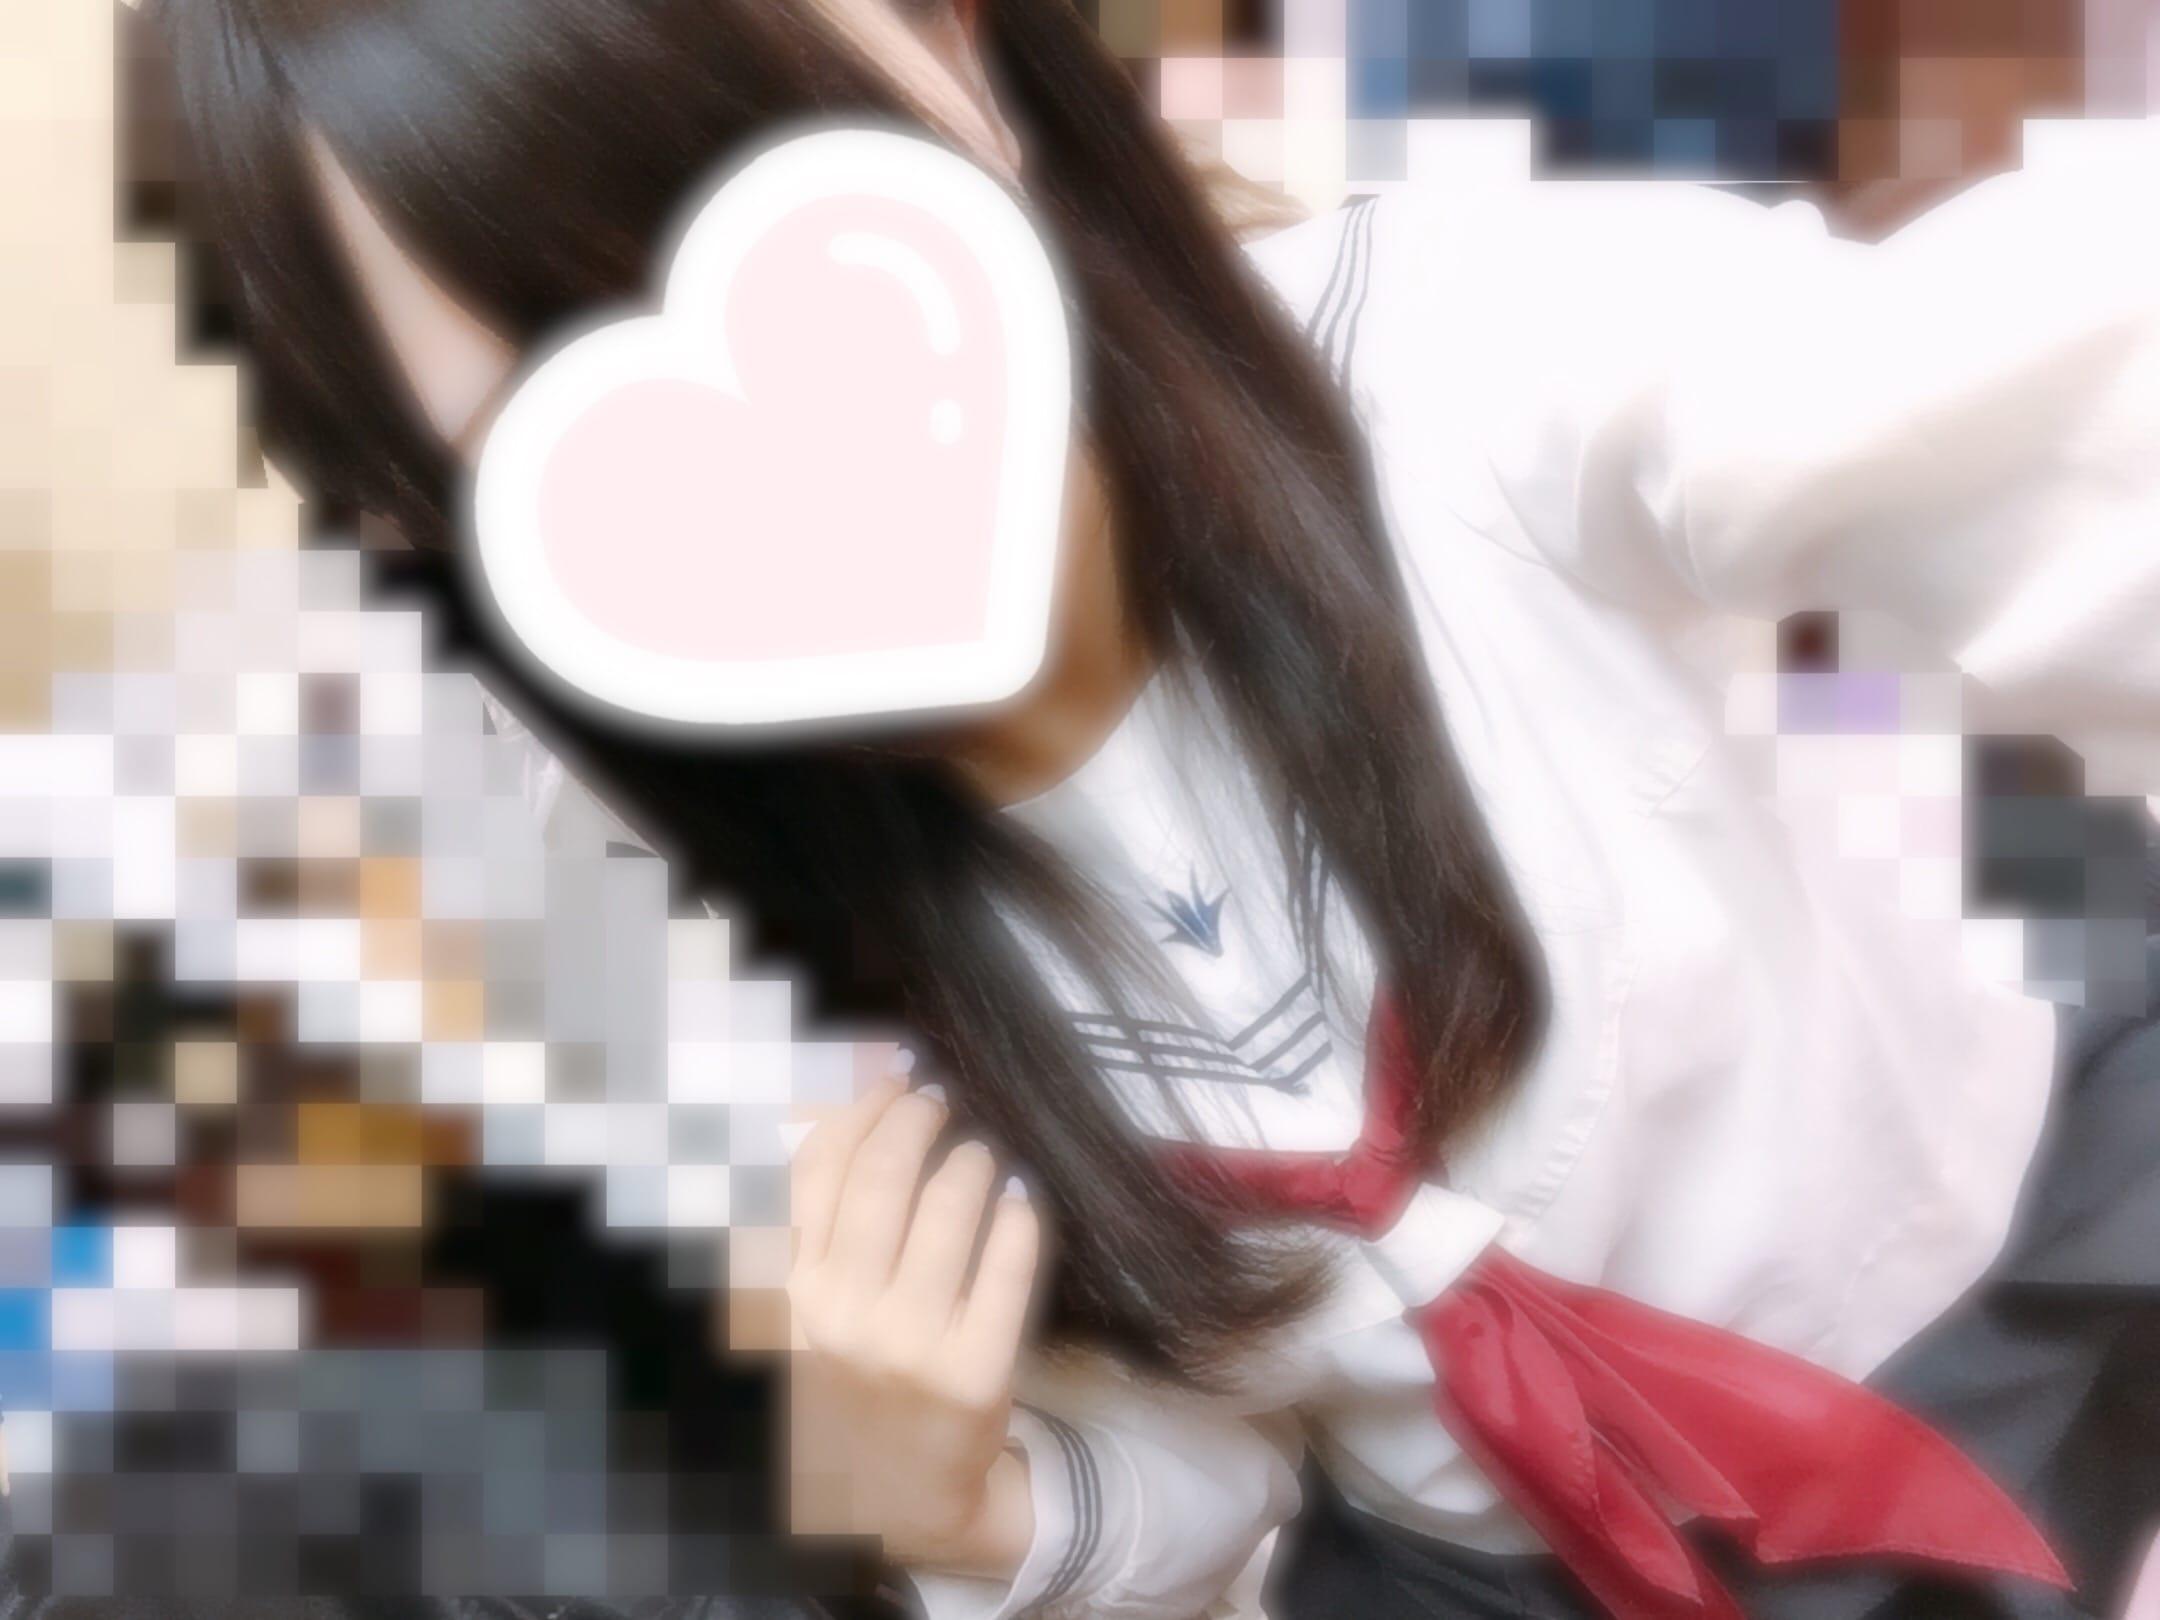 「ありがとうございました(^_^)」04/21(土) 20:10 | るかの写メ・風俗動画